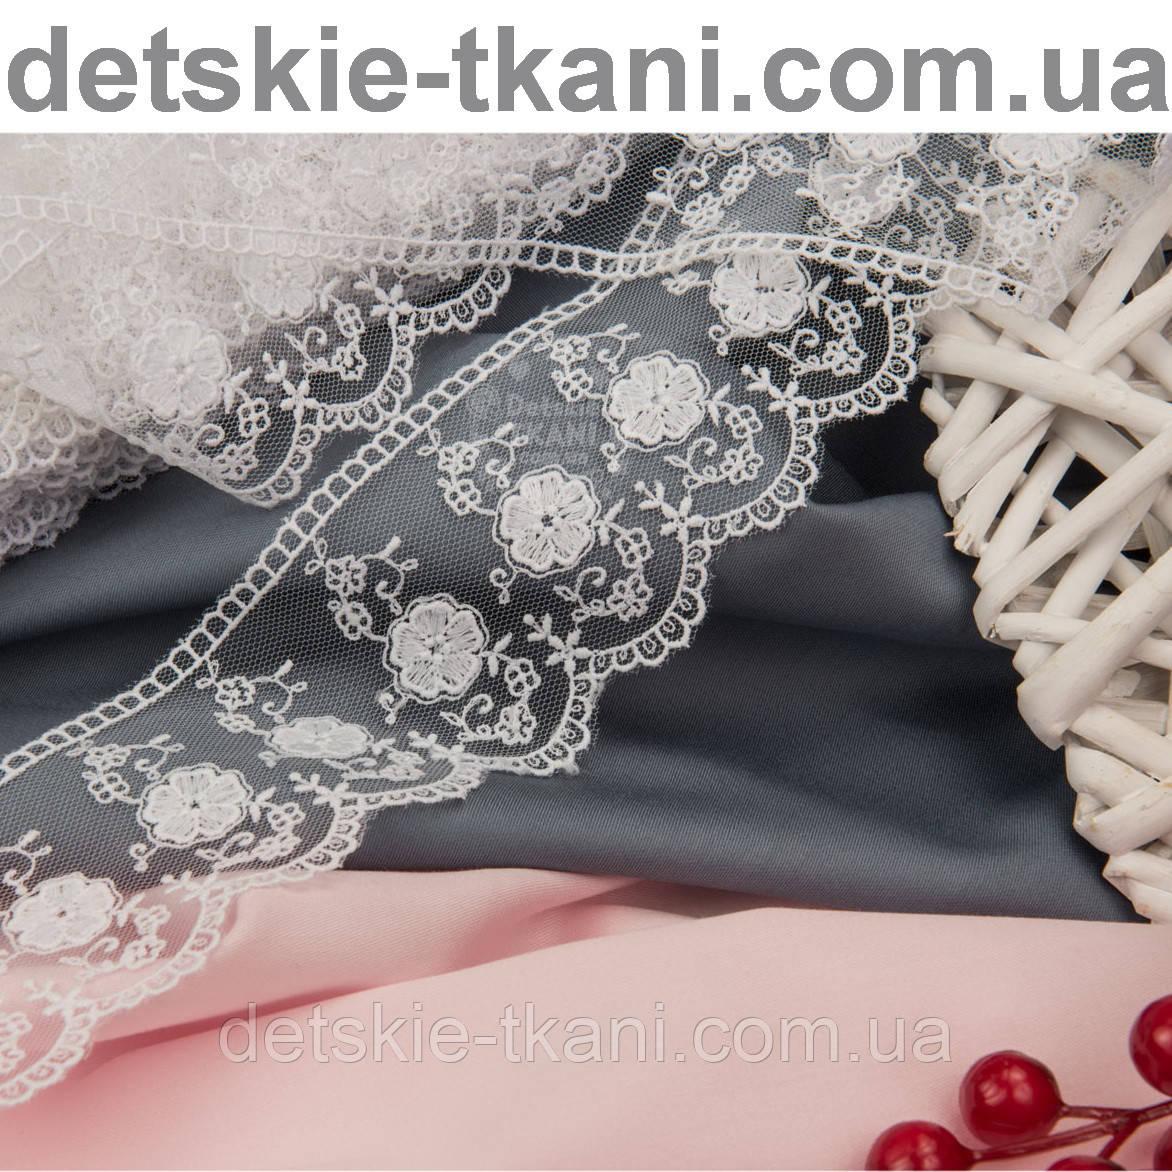 Оригинальное кружево белого цвета с хлопковой нитью, ширина 6 см, № 1903HN